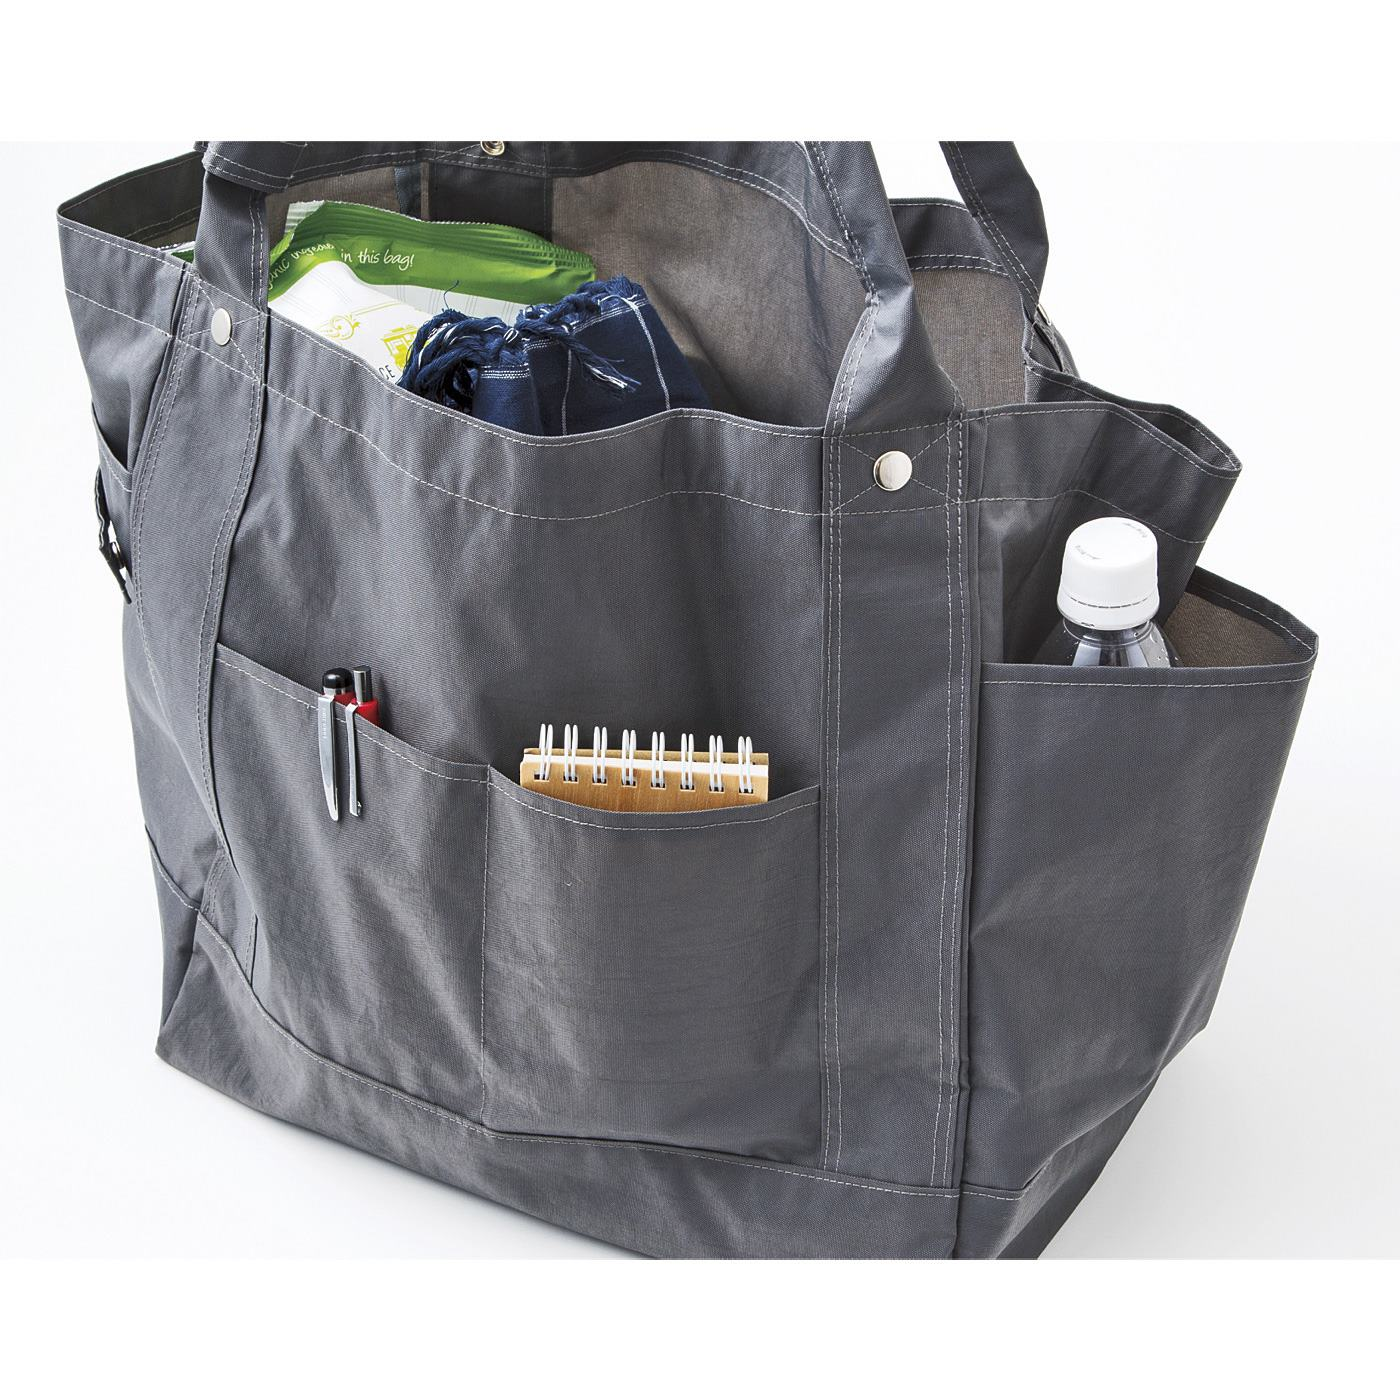 ぐるっと360度、外ポケットが充実。こまごました持ち物を分けて収納できます。